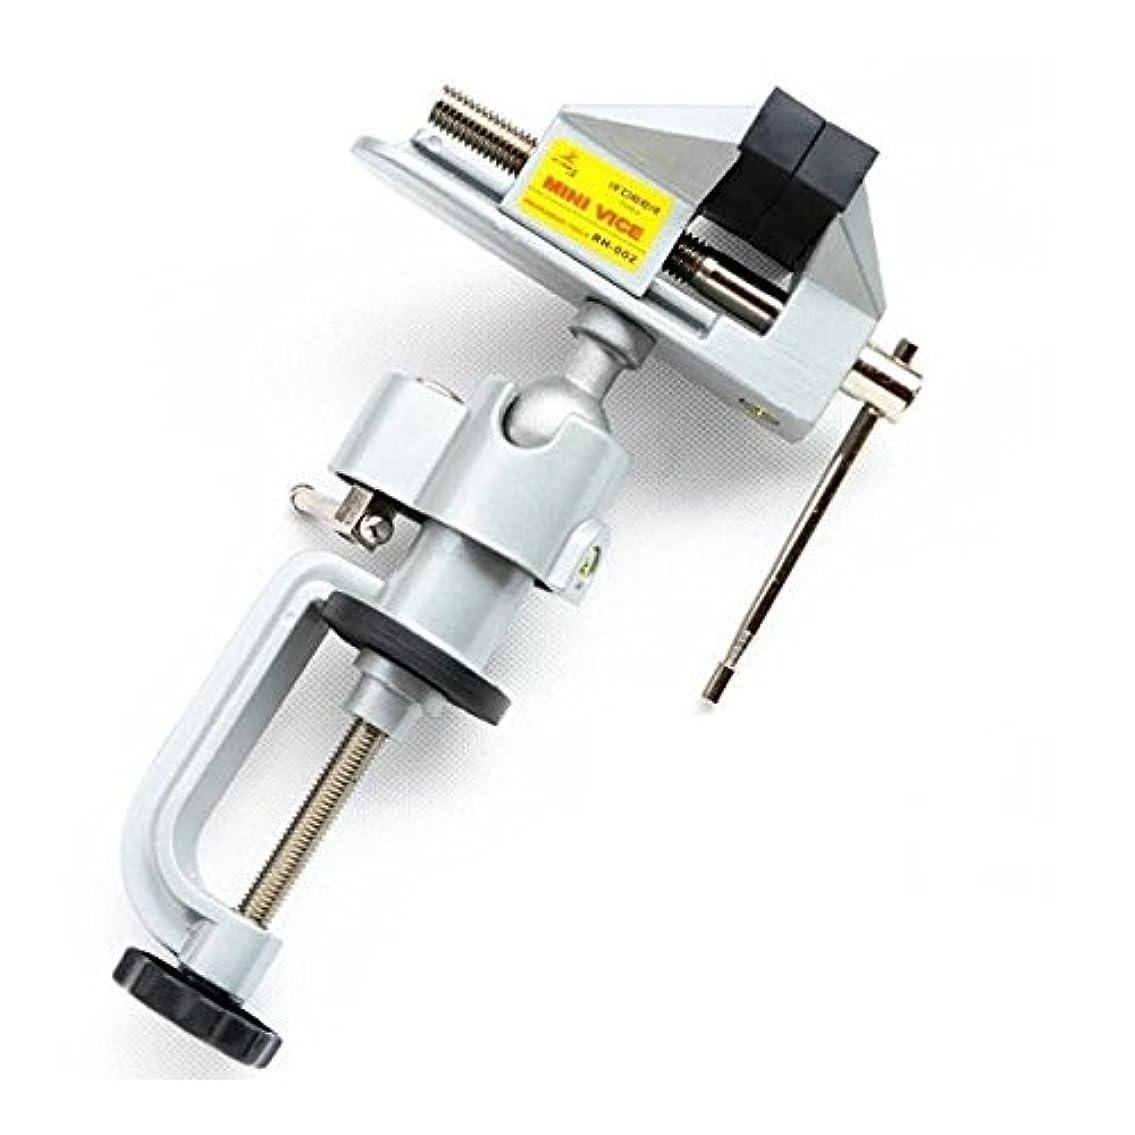 みぞれフォーラム優先権RDEER RH-002アルミテーブルバイスユニバーサルクランプユニットバイス360度回転